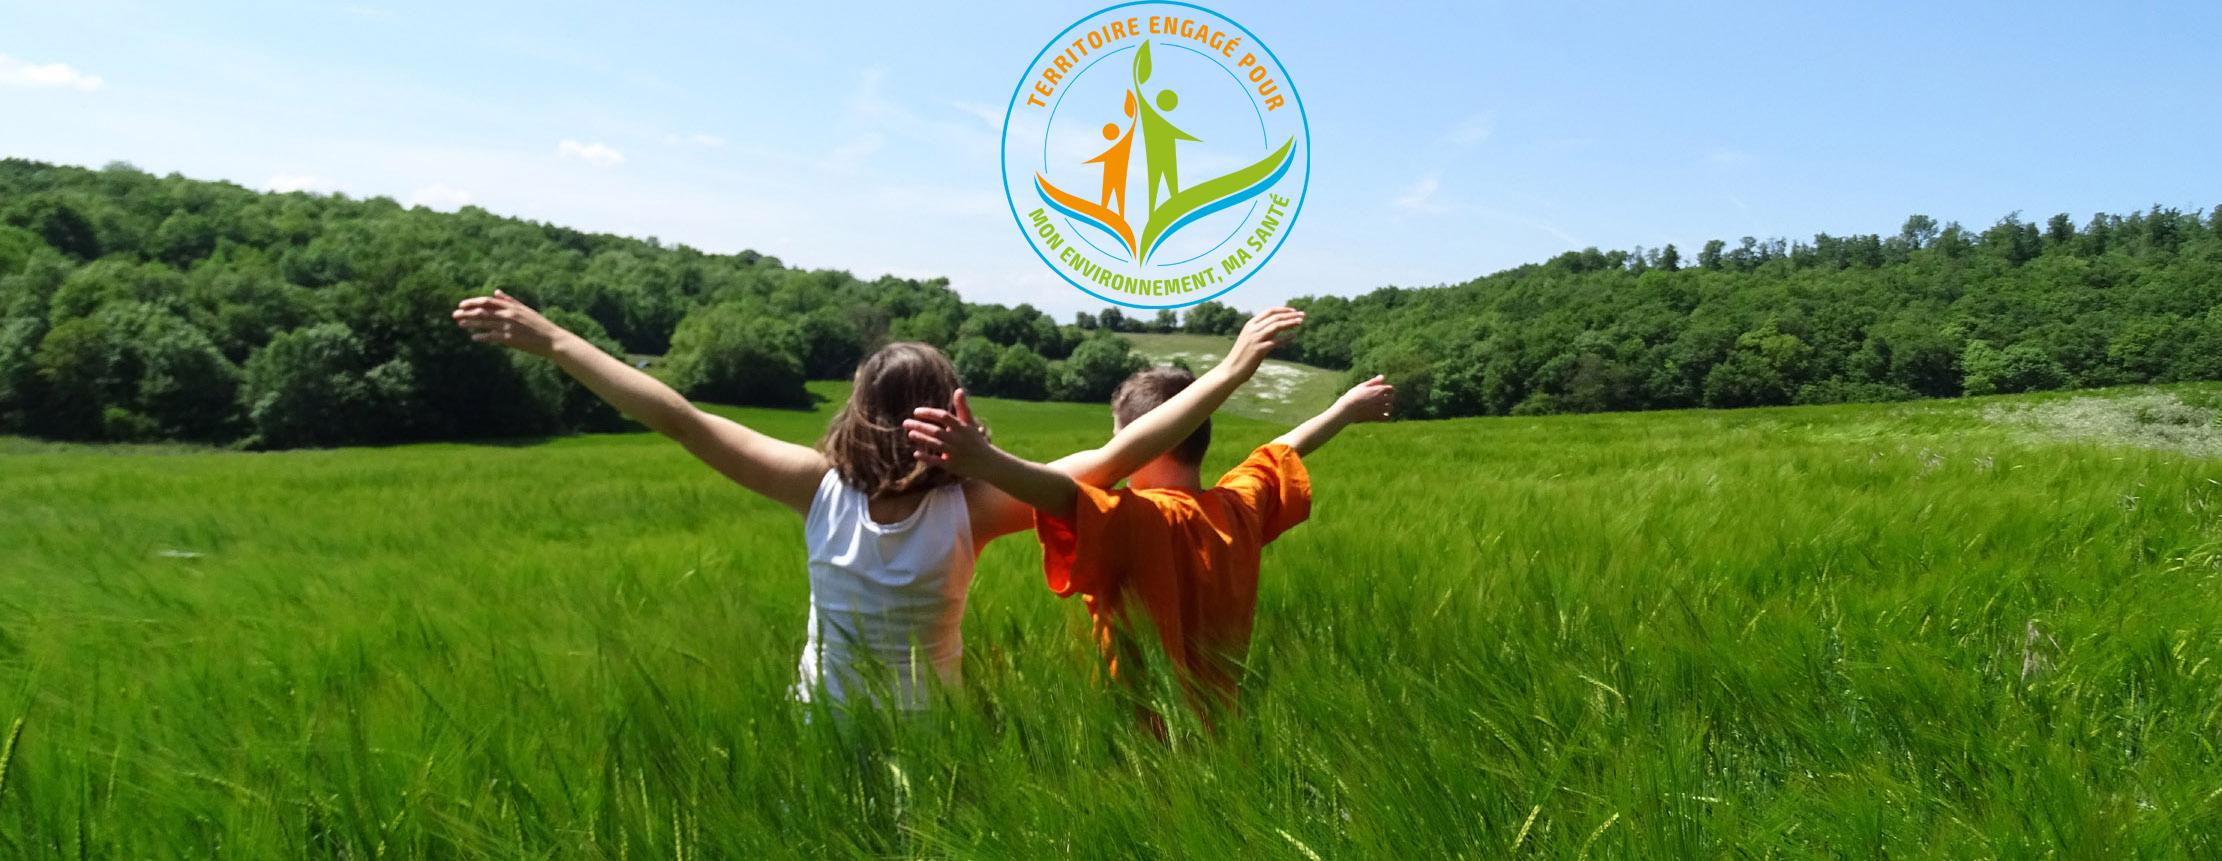 Territoire engagé pour mon environnement, ma santé